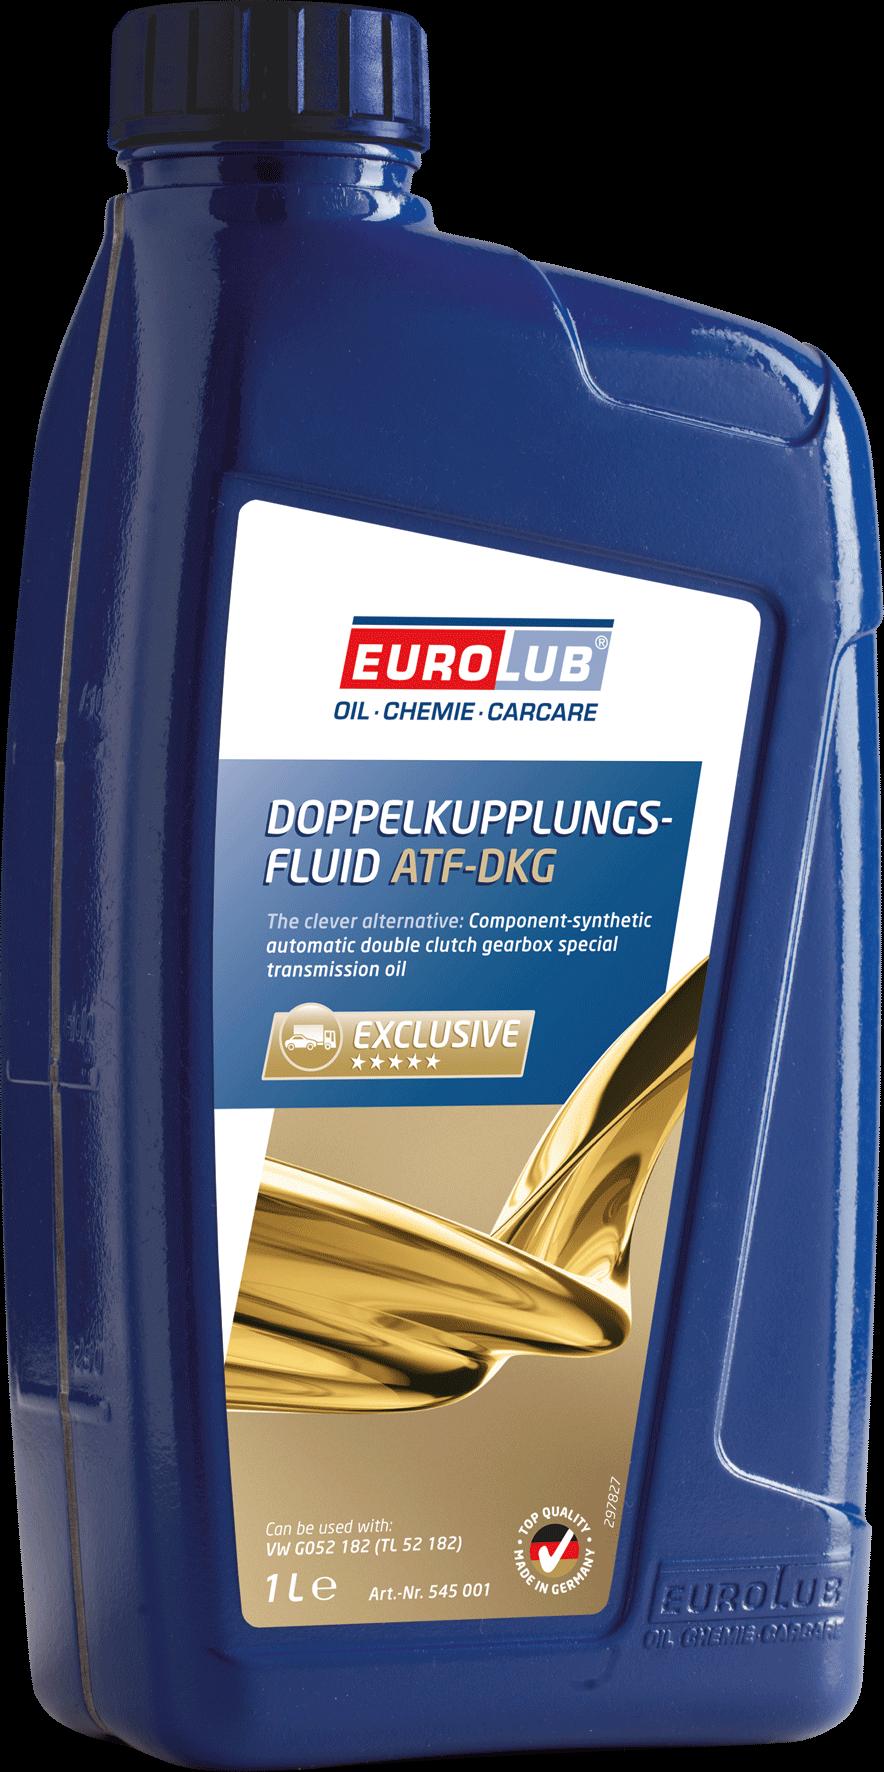 Трансмиссионное масло EUROLUB DOPPELKUPPLUNGS – FLUID (DKG) (для систем с двойным сцеплением), 1л